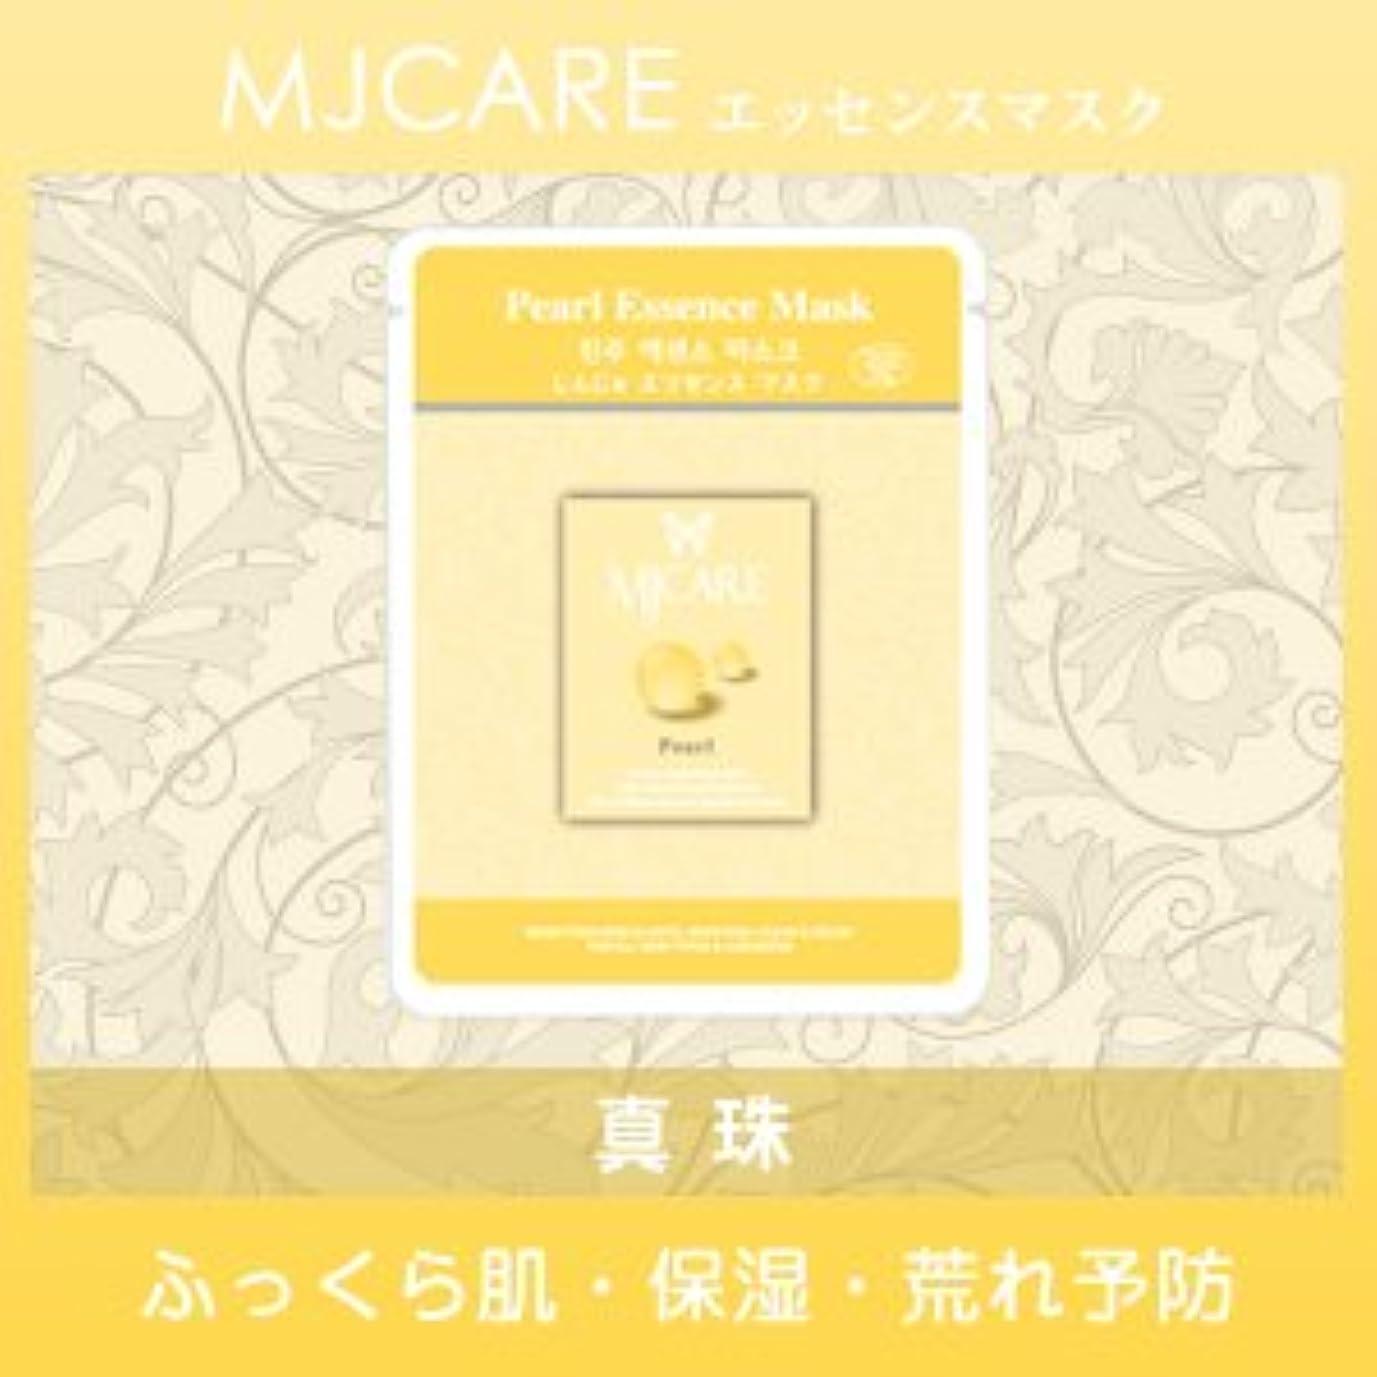 グラマー黒板教育学MJCARE (エムジェイケア) 真珠 エッセンスマスク